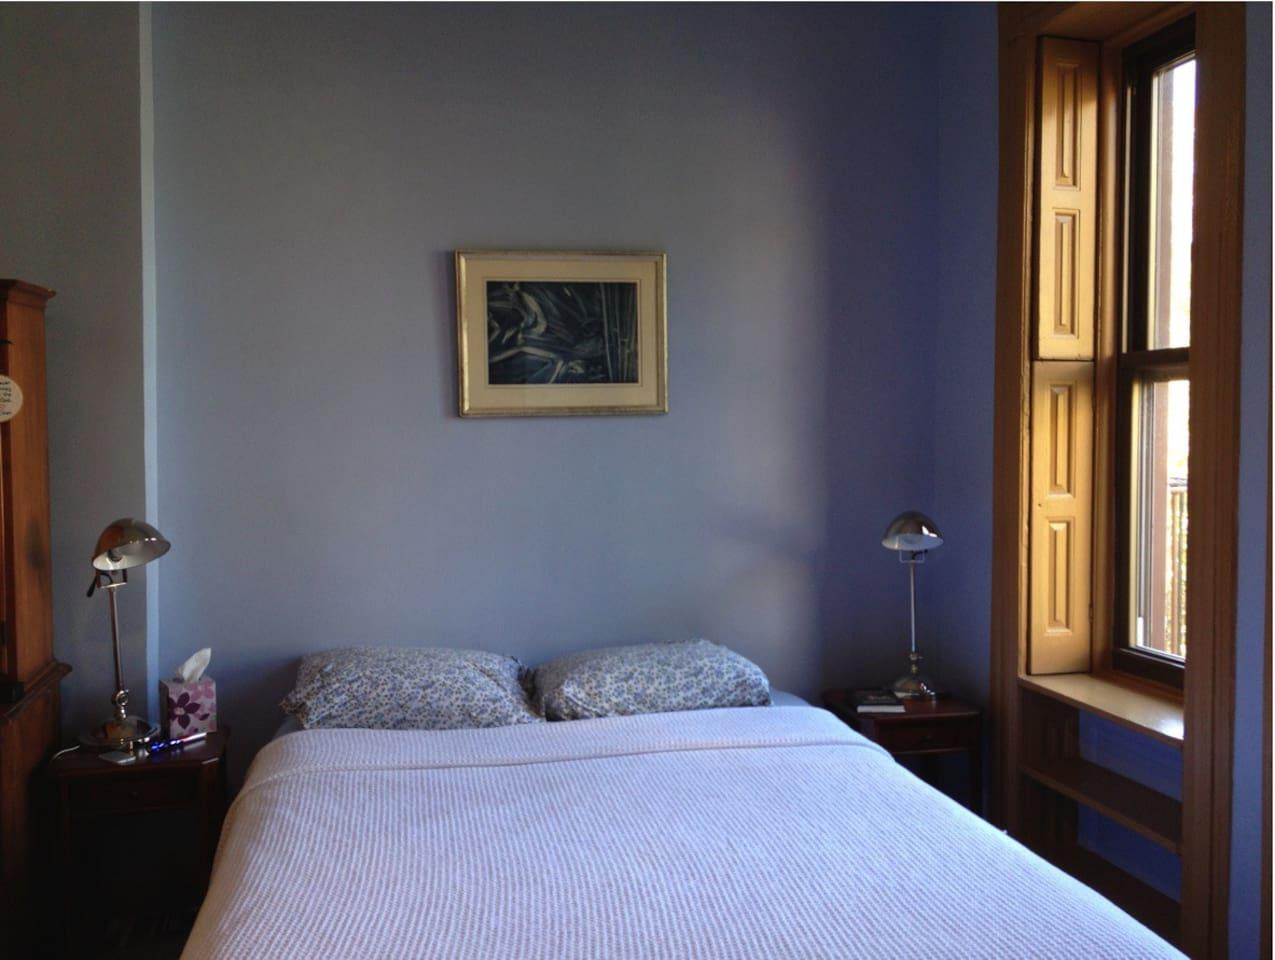 Studio queen-size bed